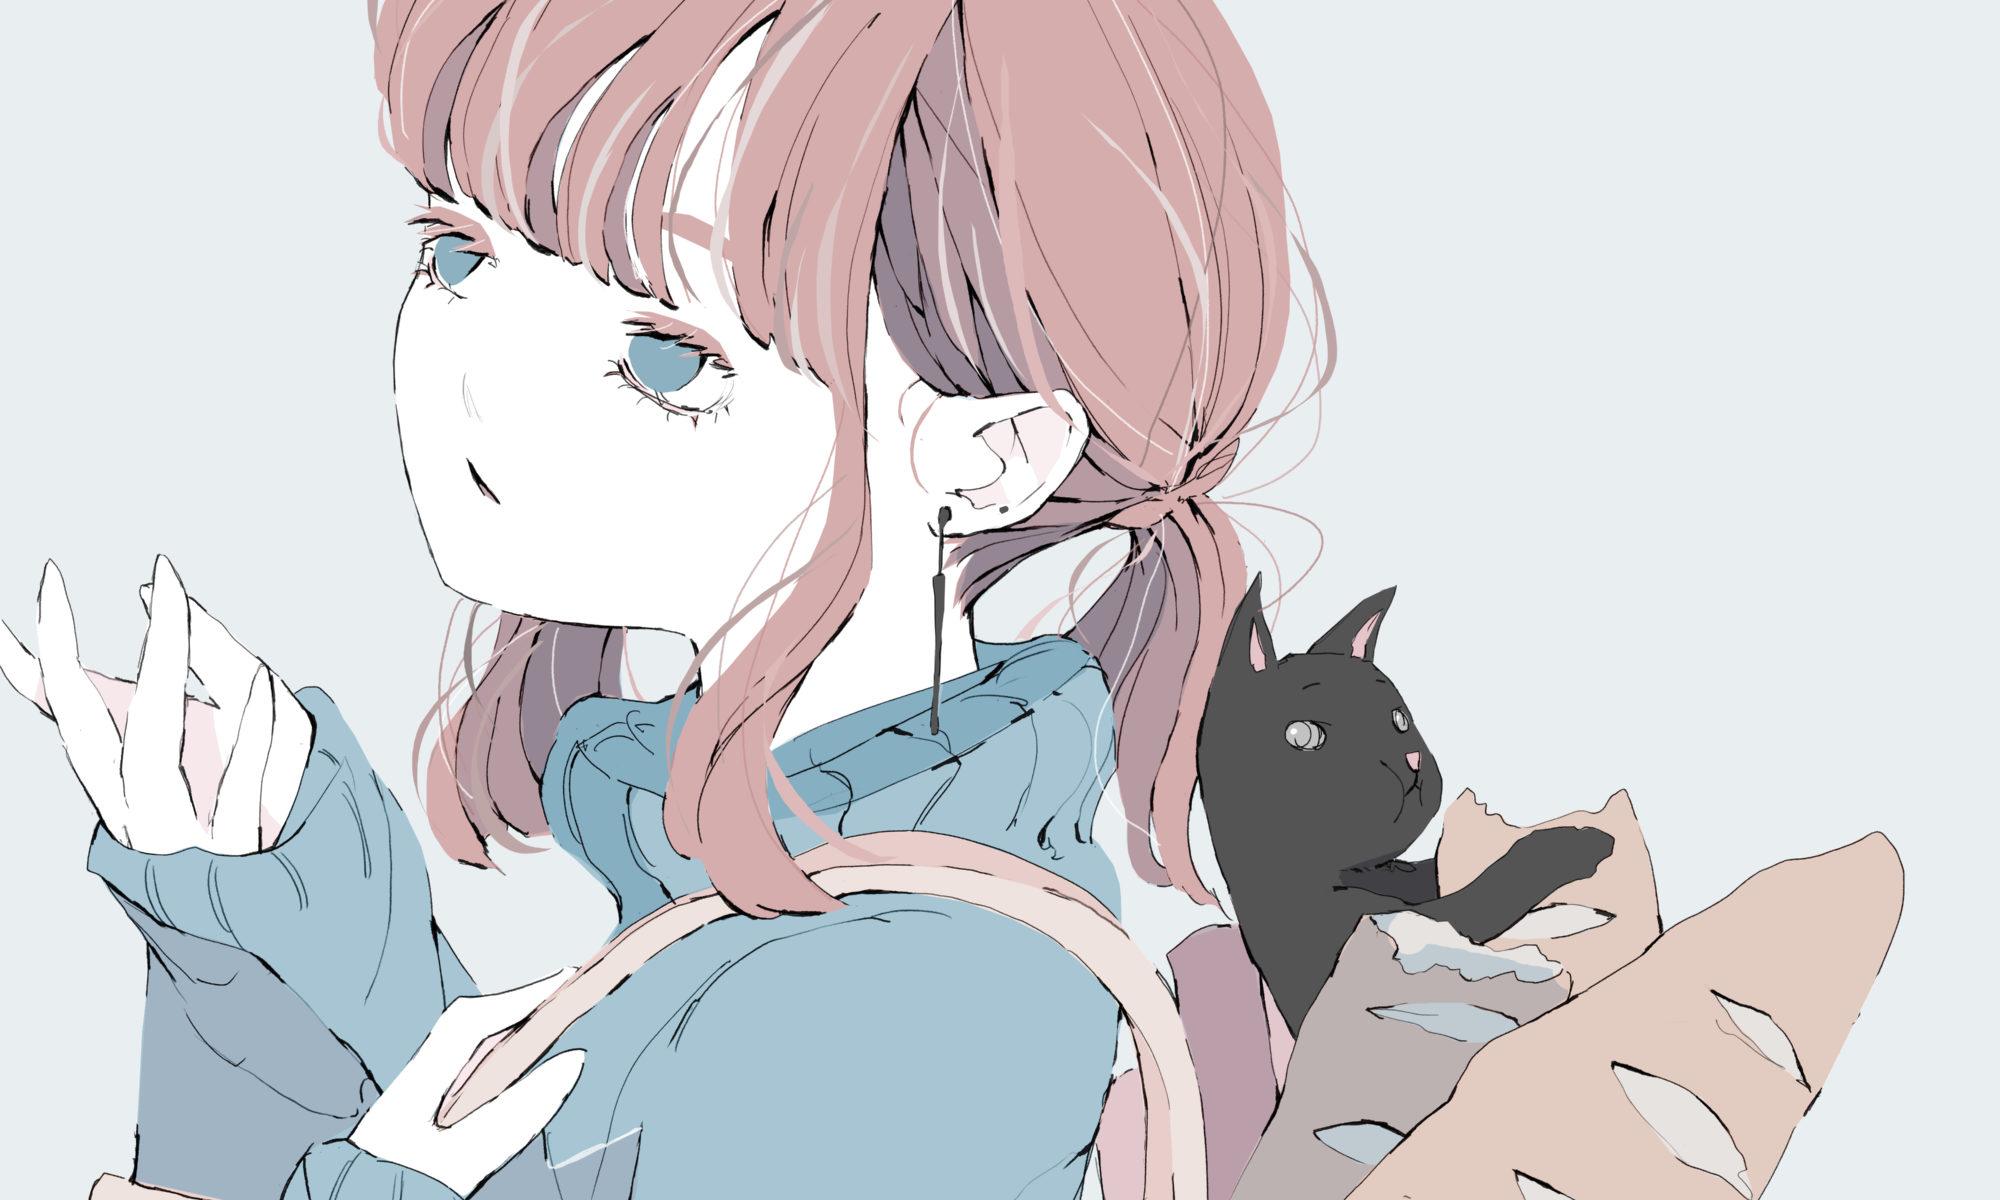 女の子と黒猫のイラスト